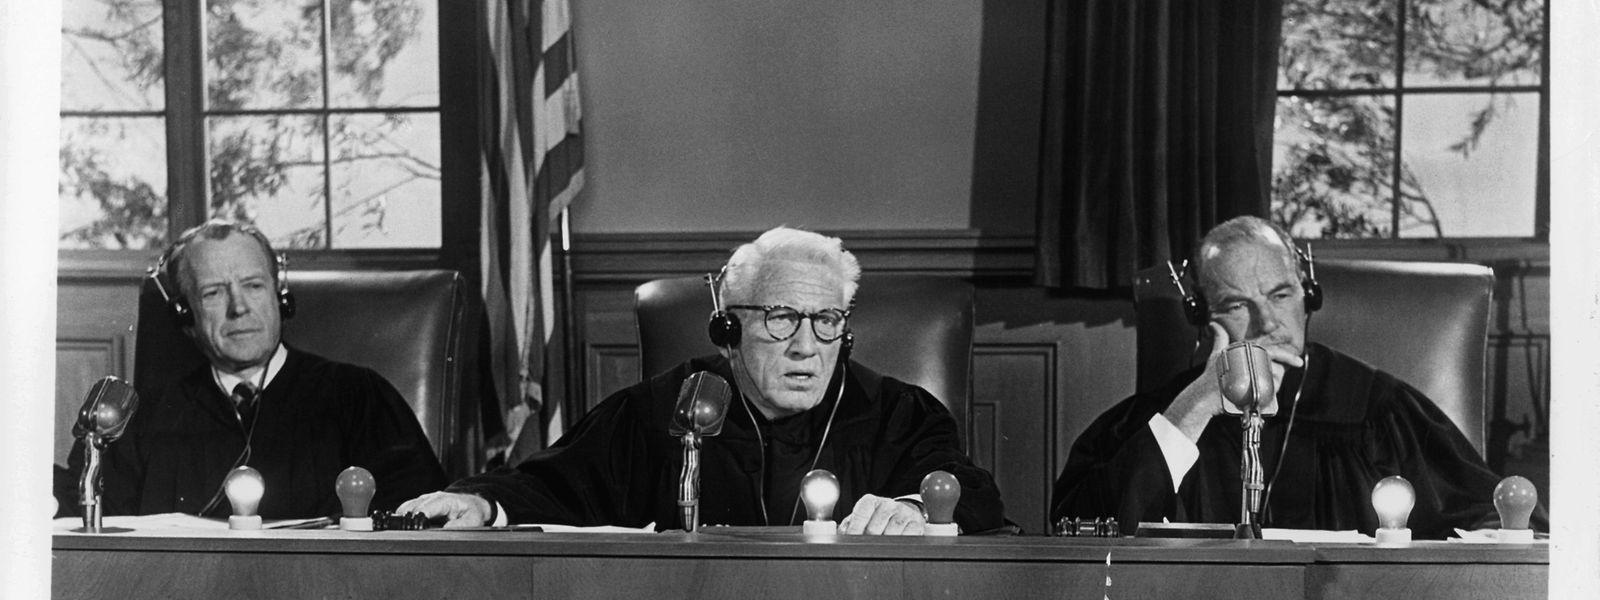 """Die drei von Kenneth MacKenna, Spencer Tracy und Ray Teal (von links) gespielten Richter hören im Film """"Judgment at Nuremberg"""" einer Zeugenvernehmung zu."""